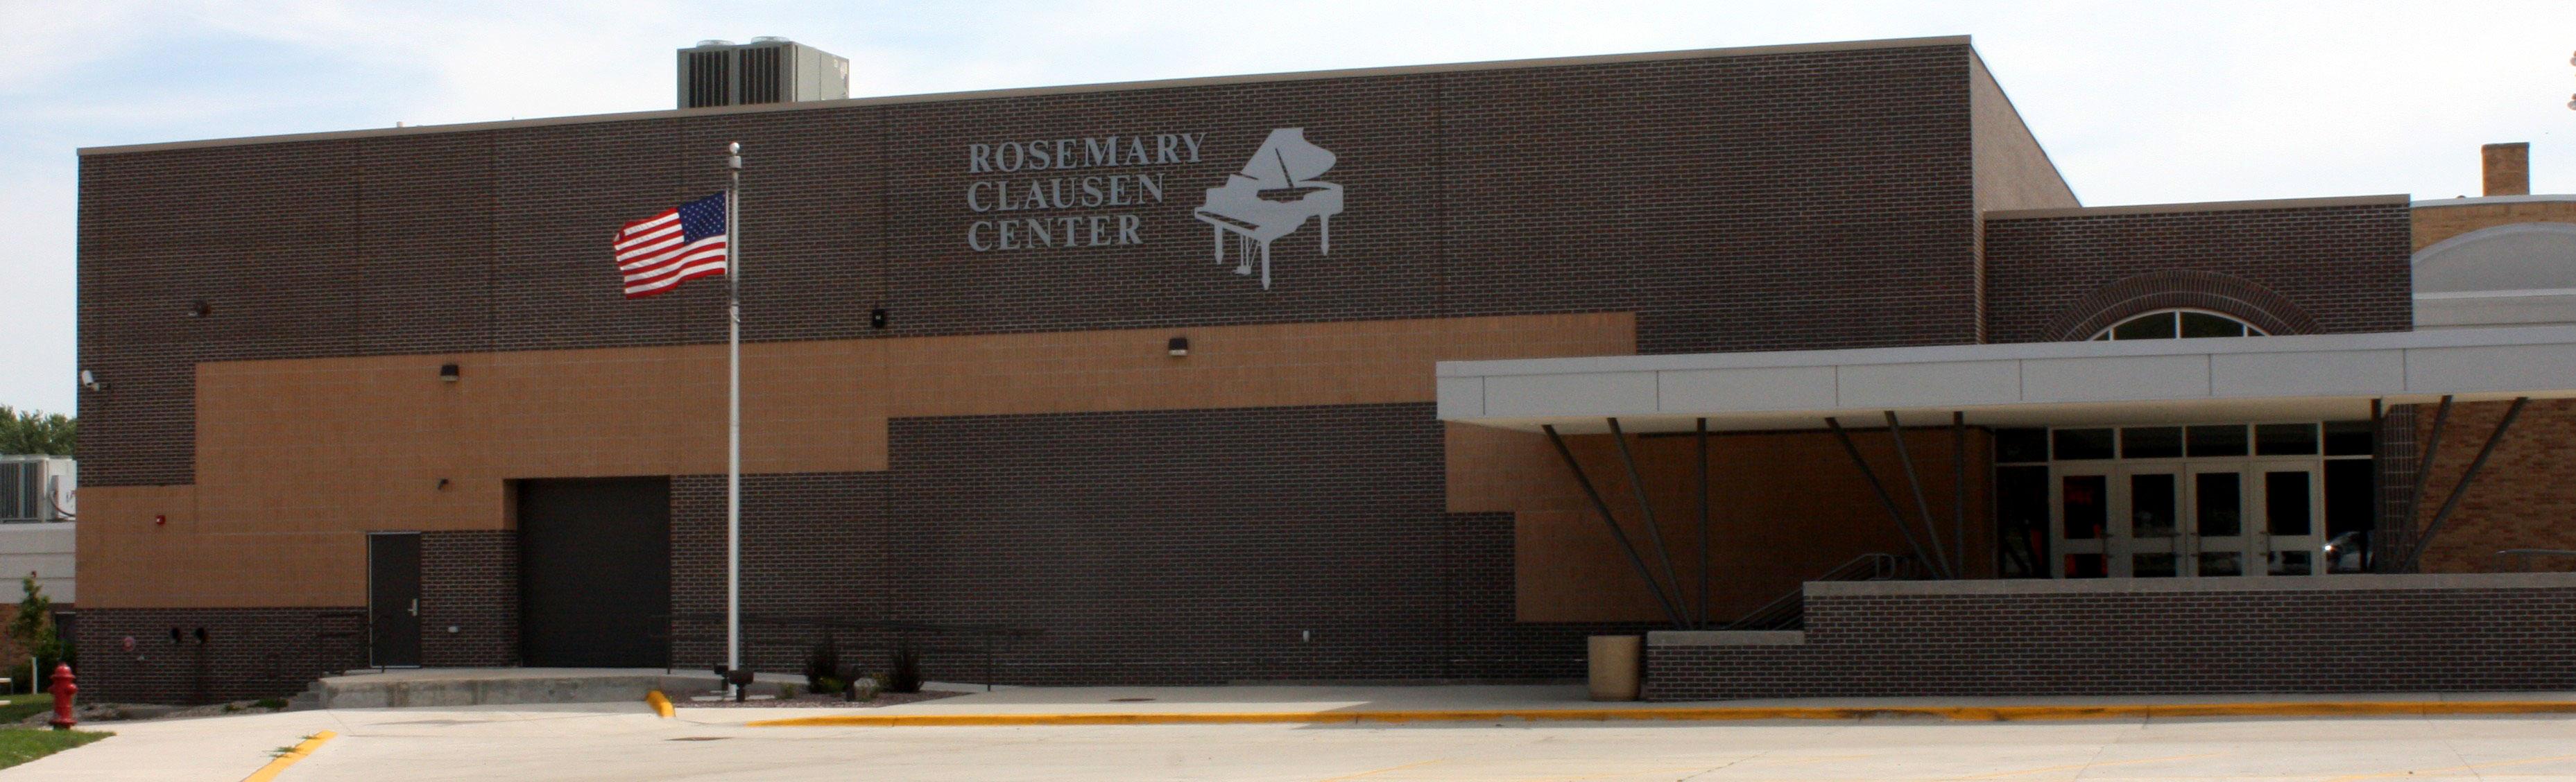 Rosemary Clausen Center entrance